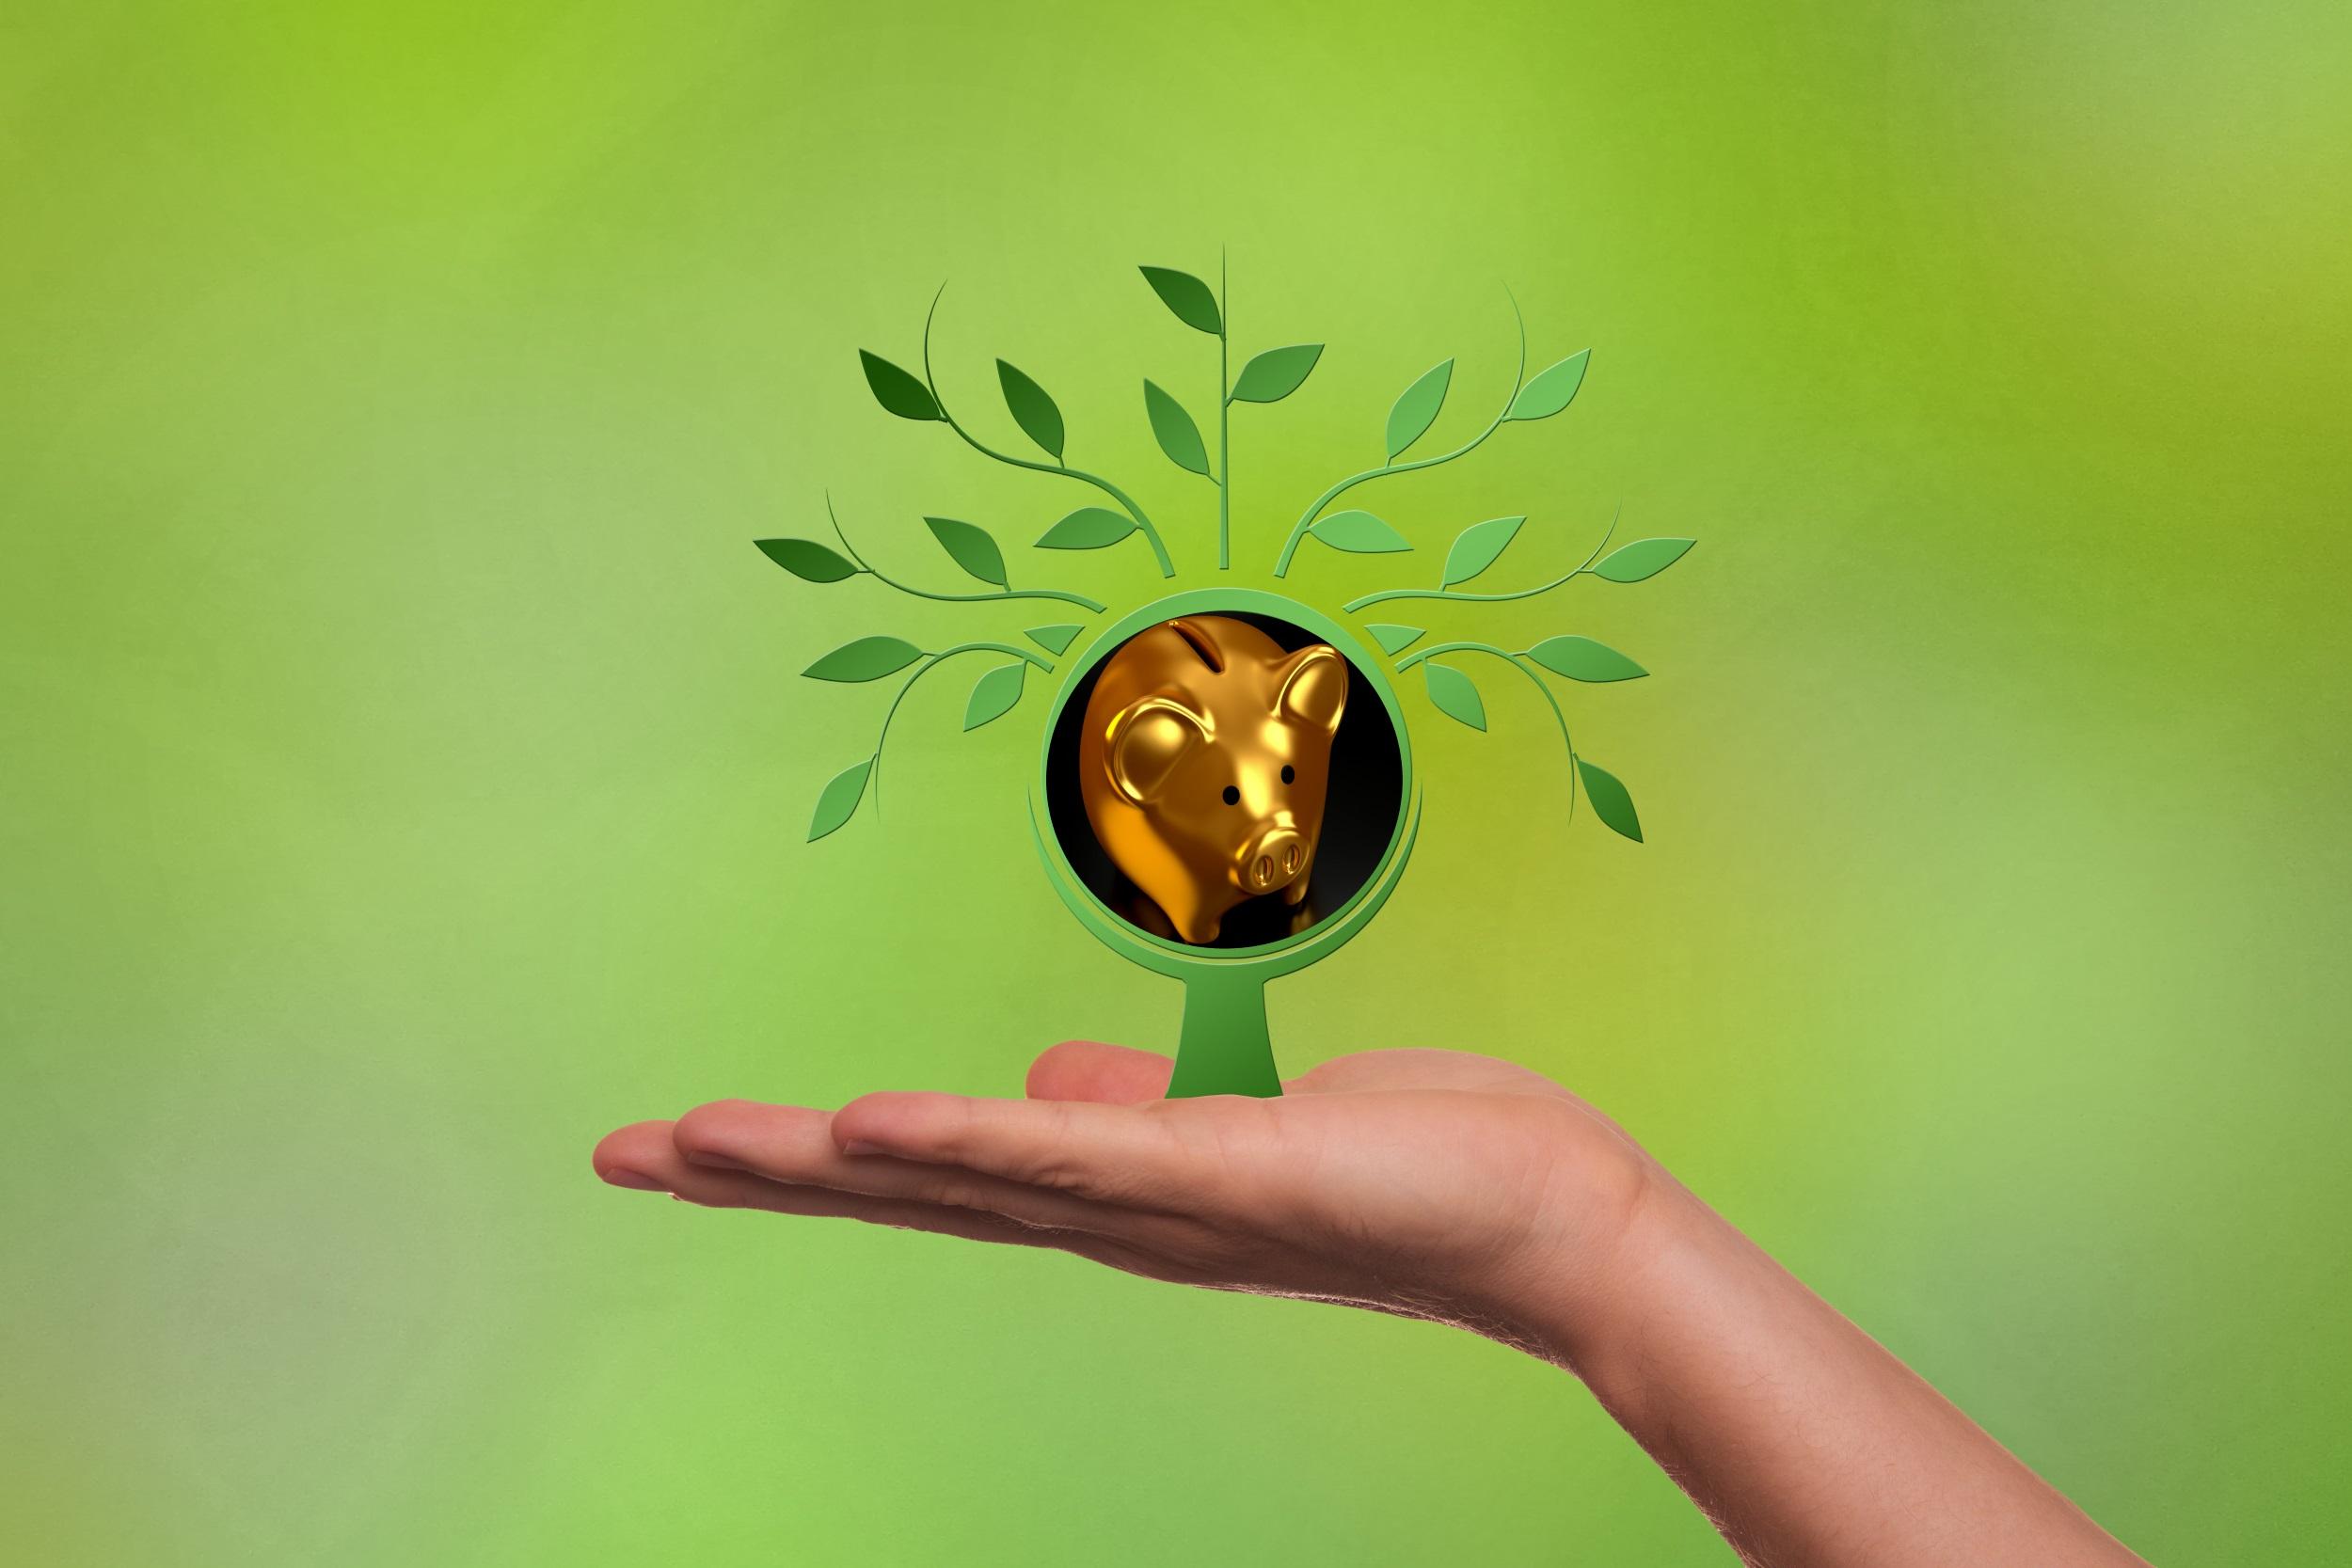 Digitale Wertschöpfung im Spannungsfeld von Rendite und Impact